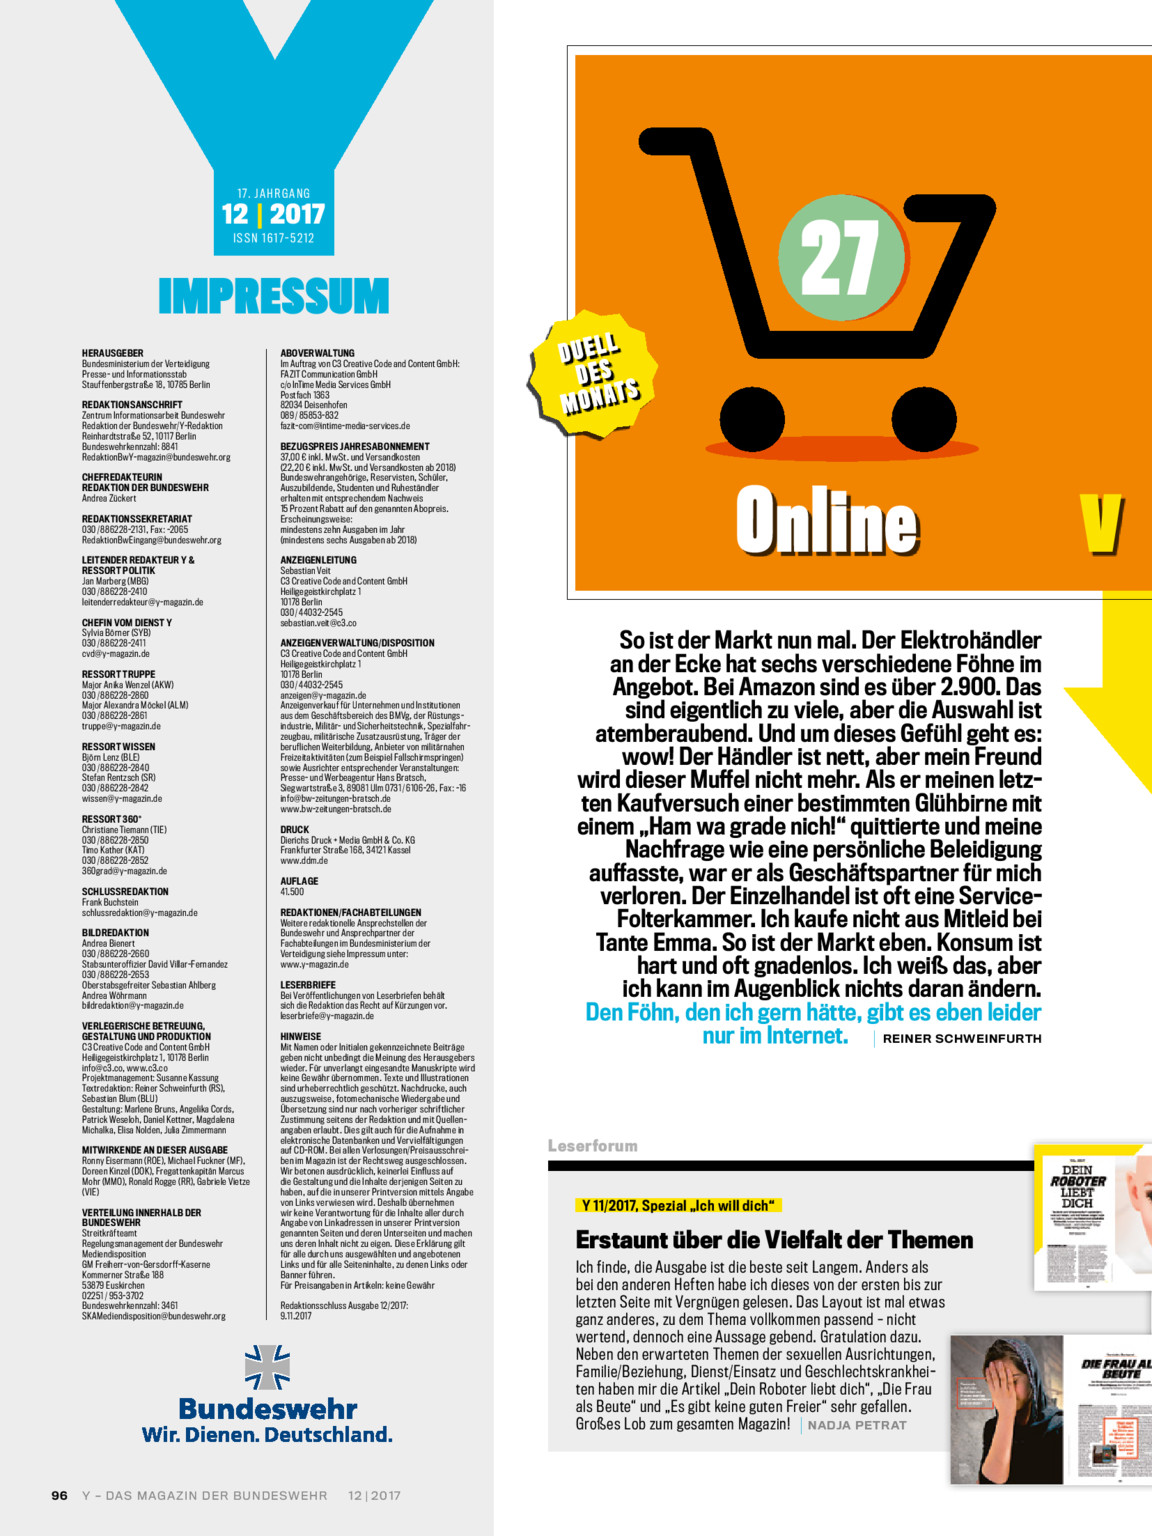 Y Magazin 122017 Bundeswehr Media